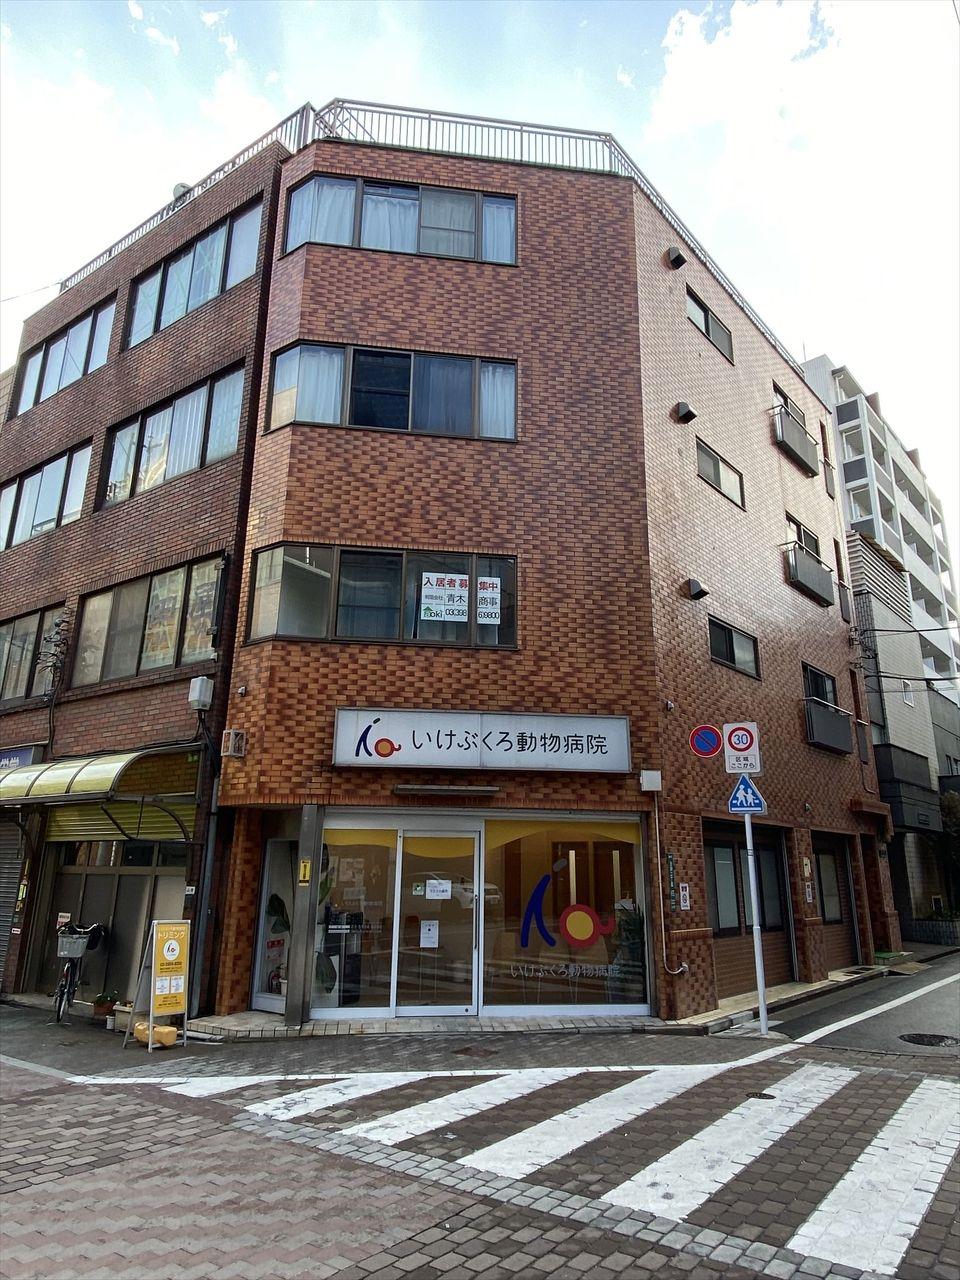 池袋の賃貸マンション 成田ハイツ202号室 退去完了しました